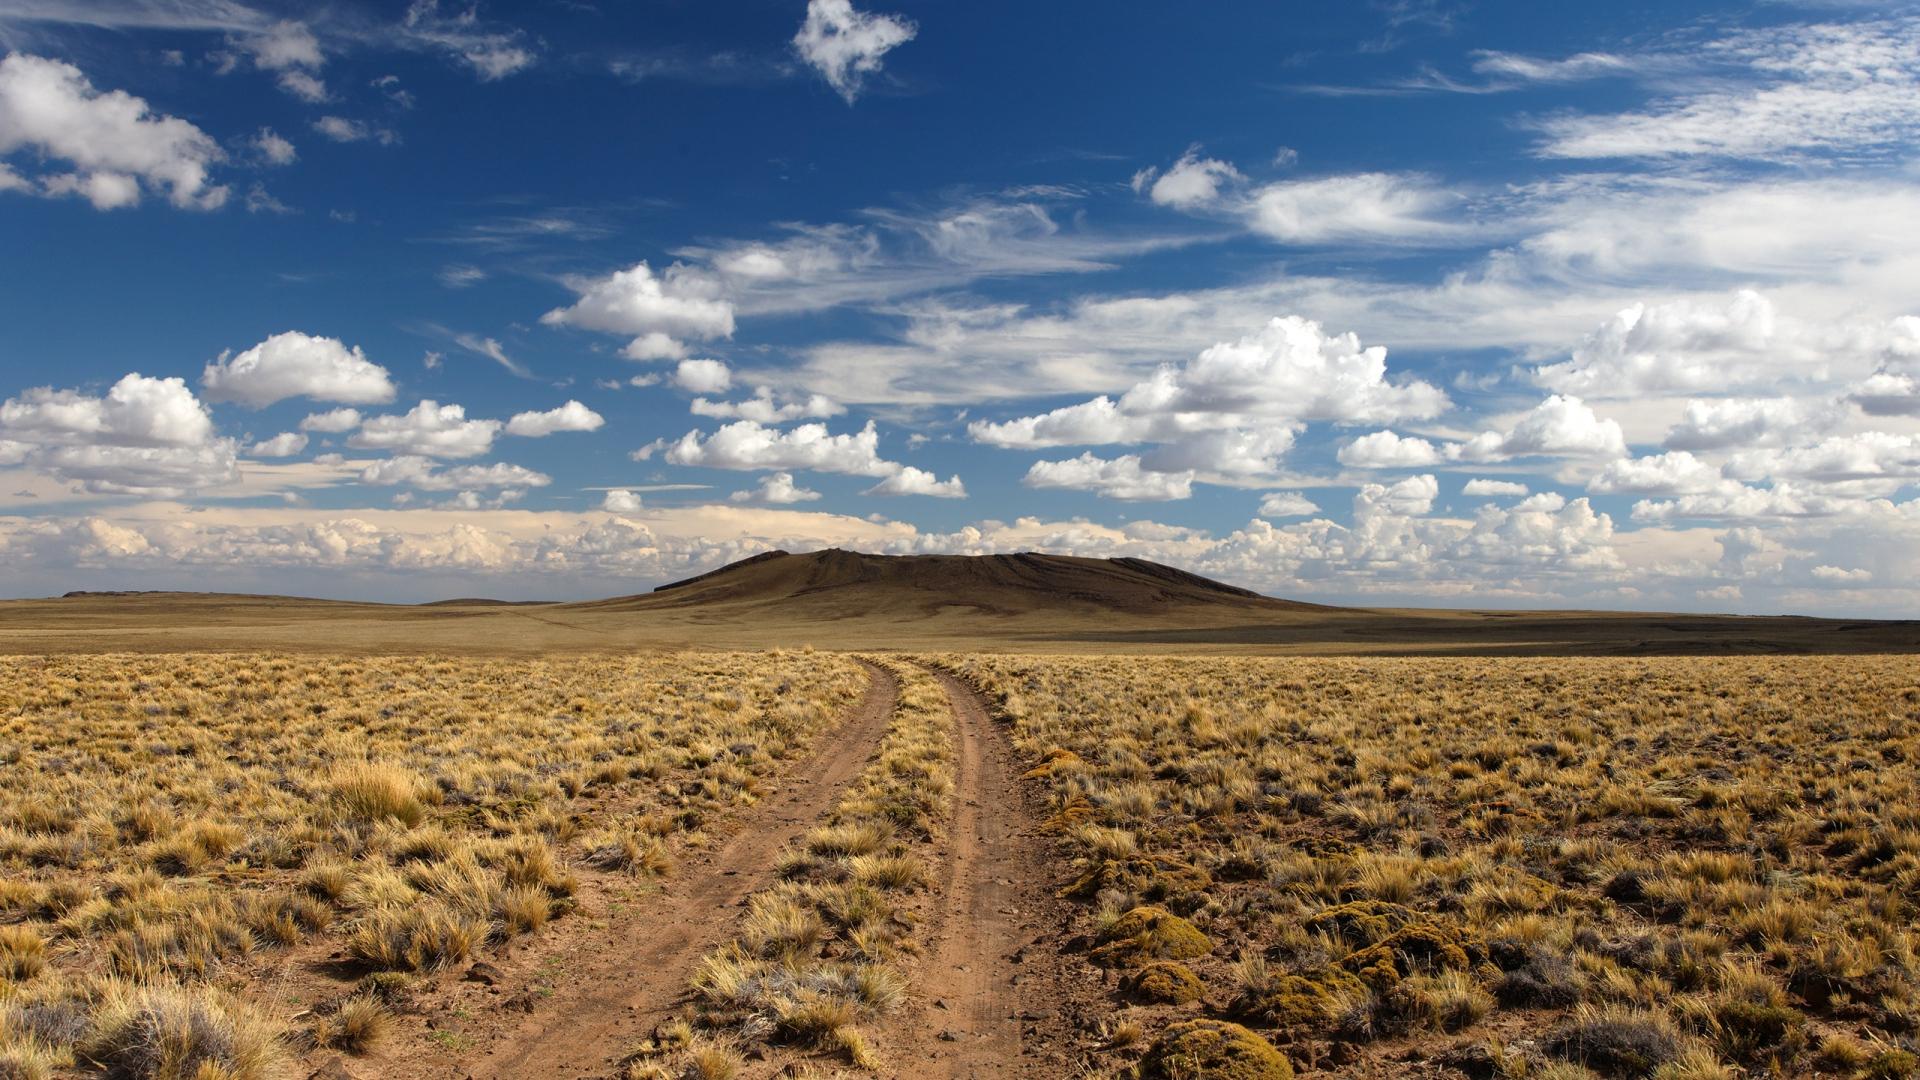 Download Wallpaper 1920x1080 Desert Road Vegetation Full HD 1080p